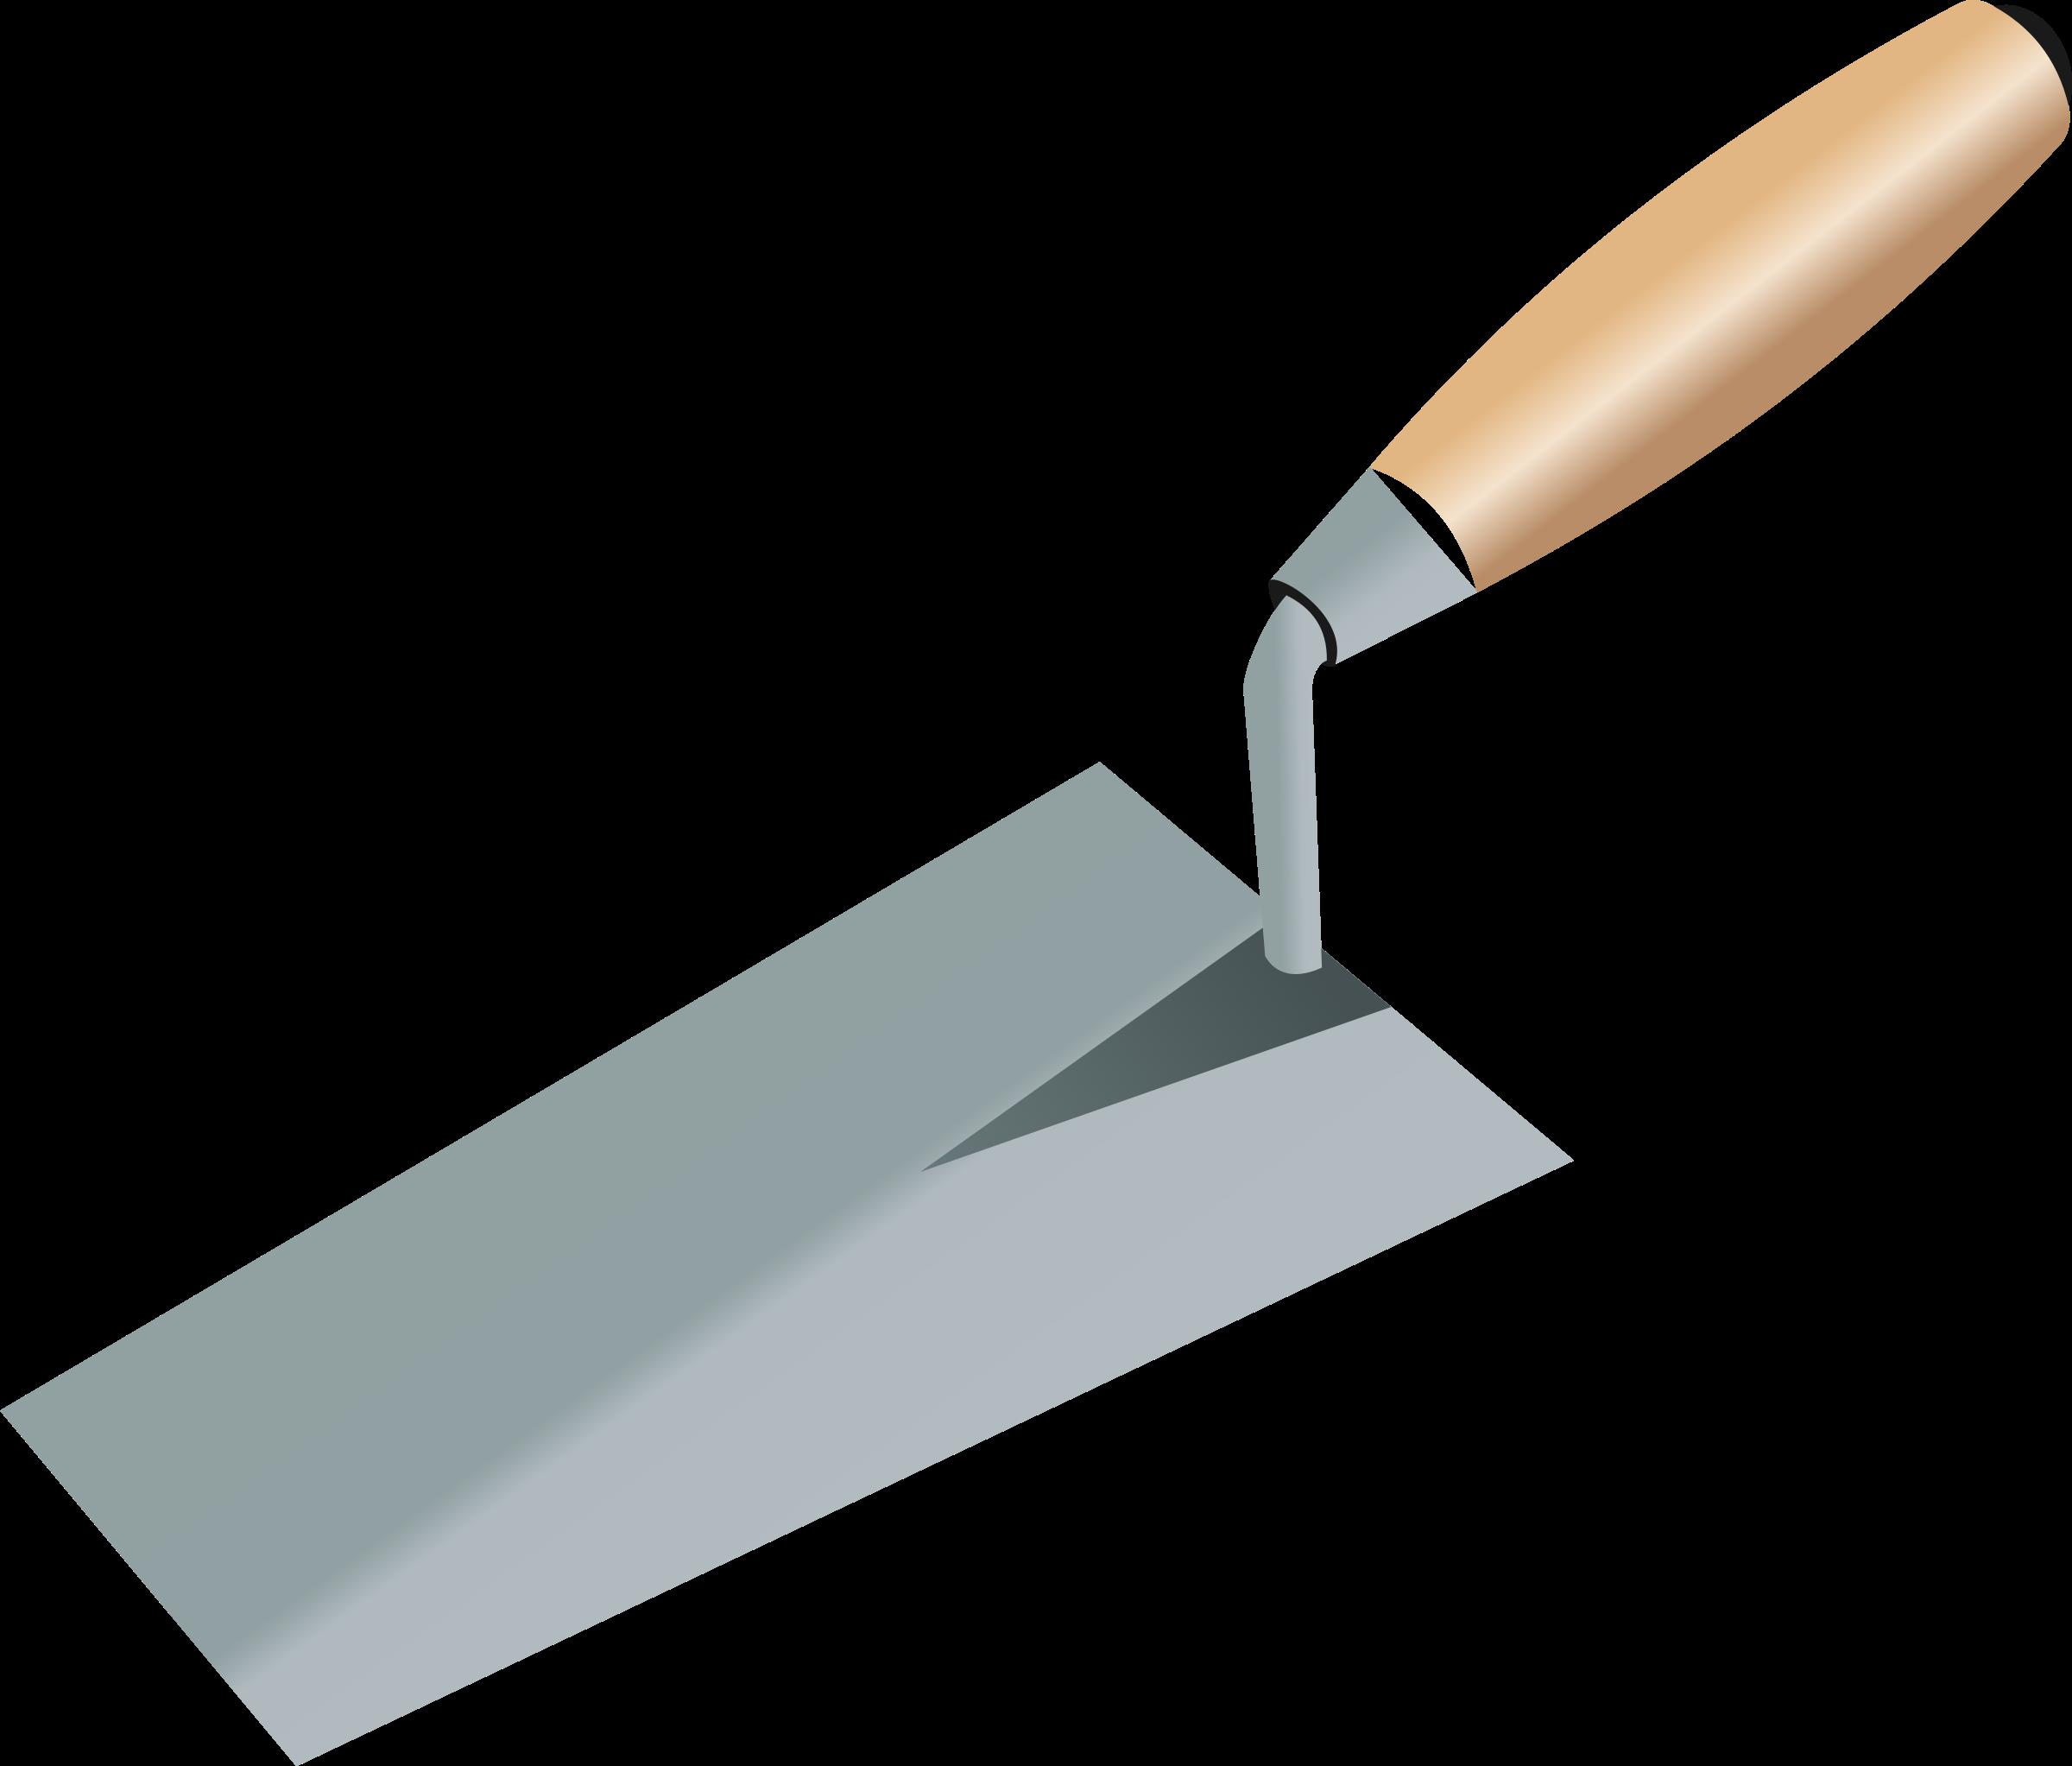 Masonry Trowel Logo : Clipart trowel truelle